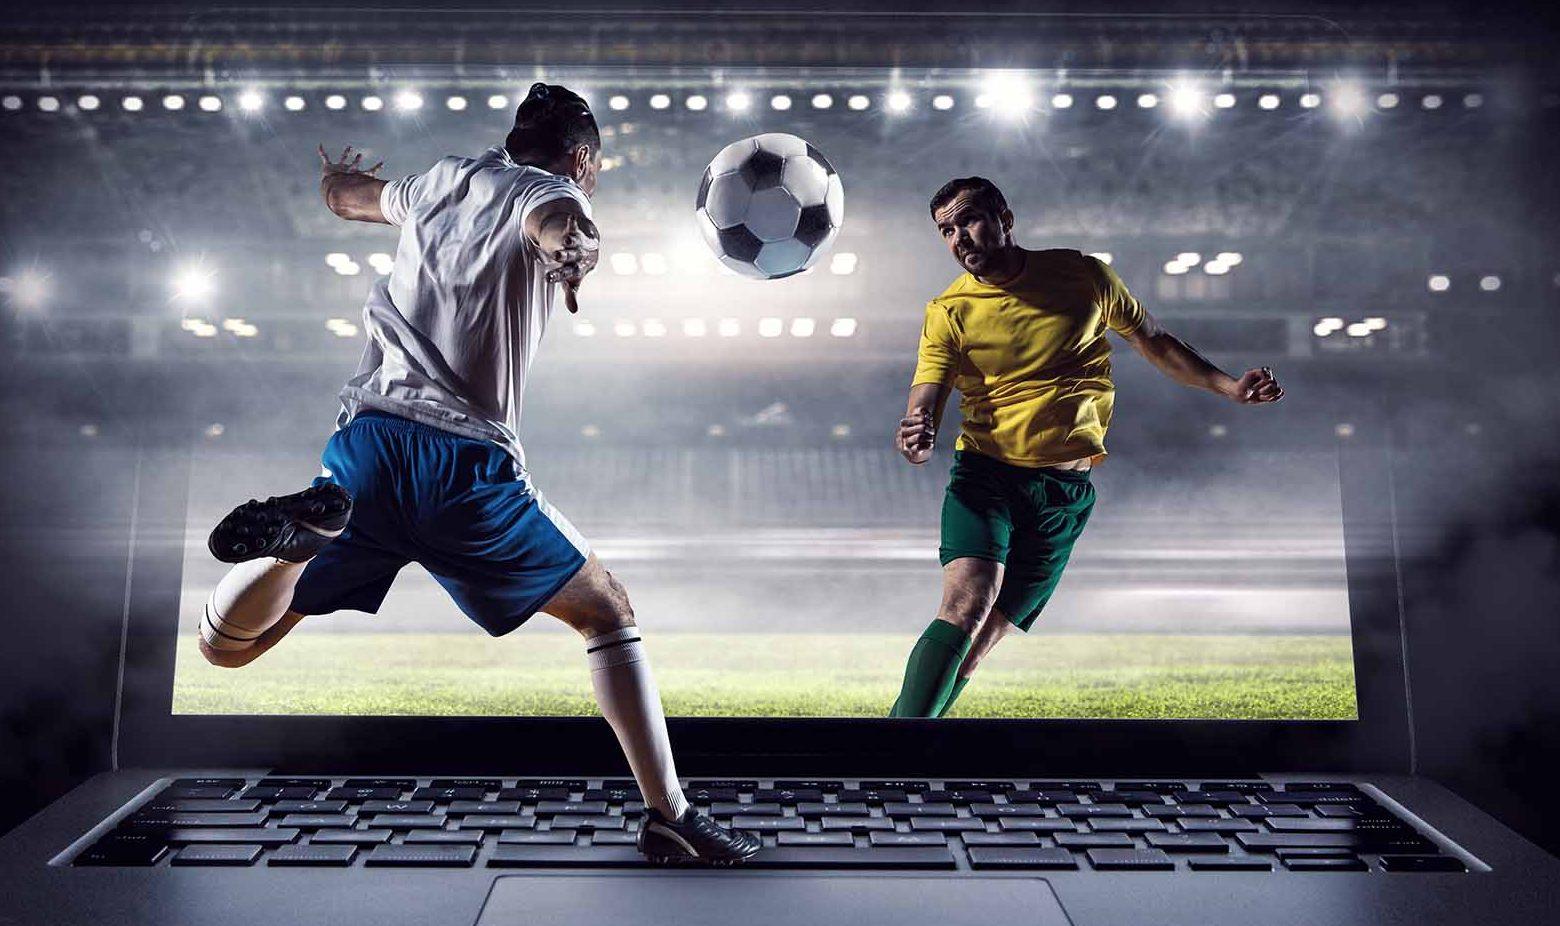 Самые быстрые лайв-ставки на футбол в БК Stavkitut